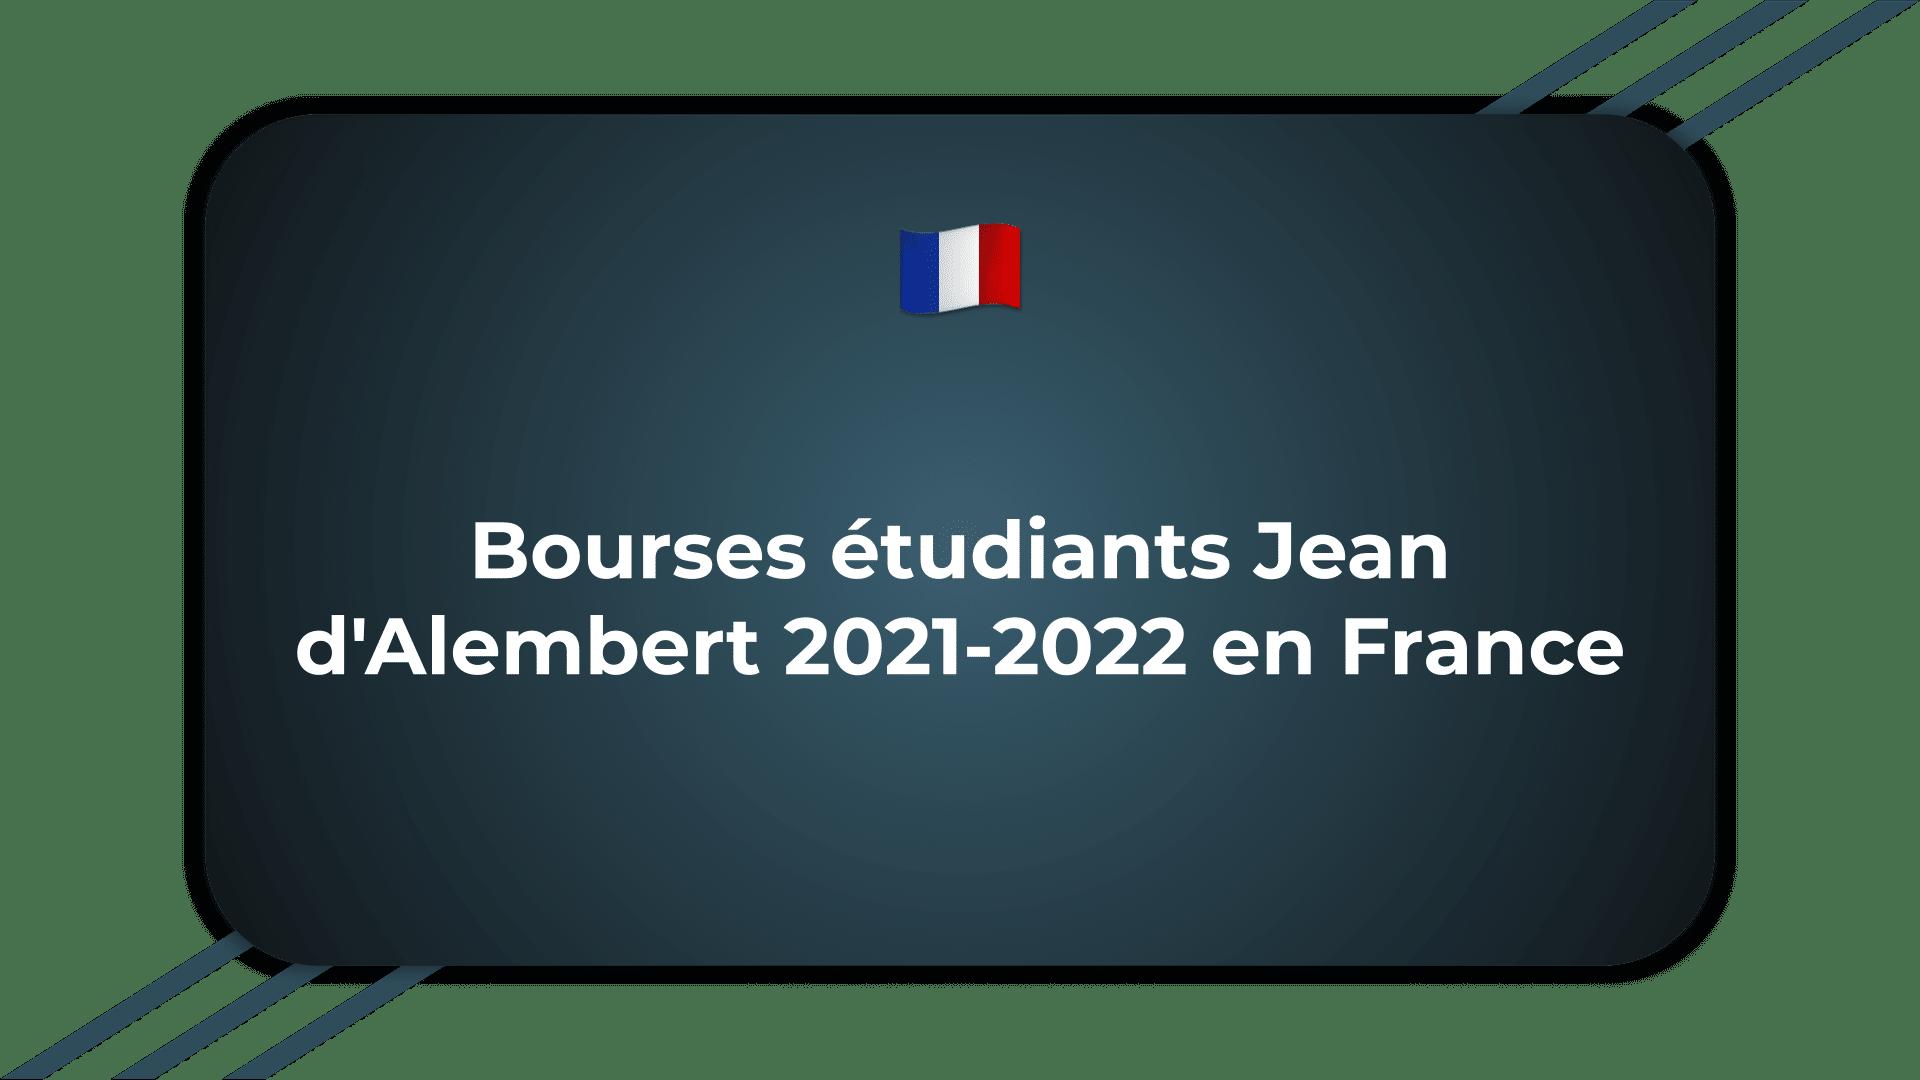 Bourses étudiants Jean d'Alembert